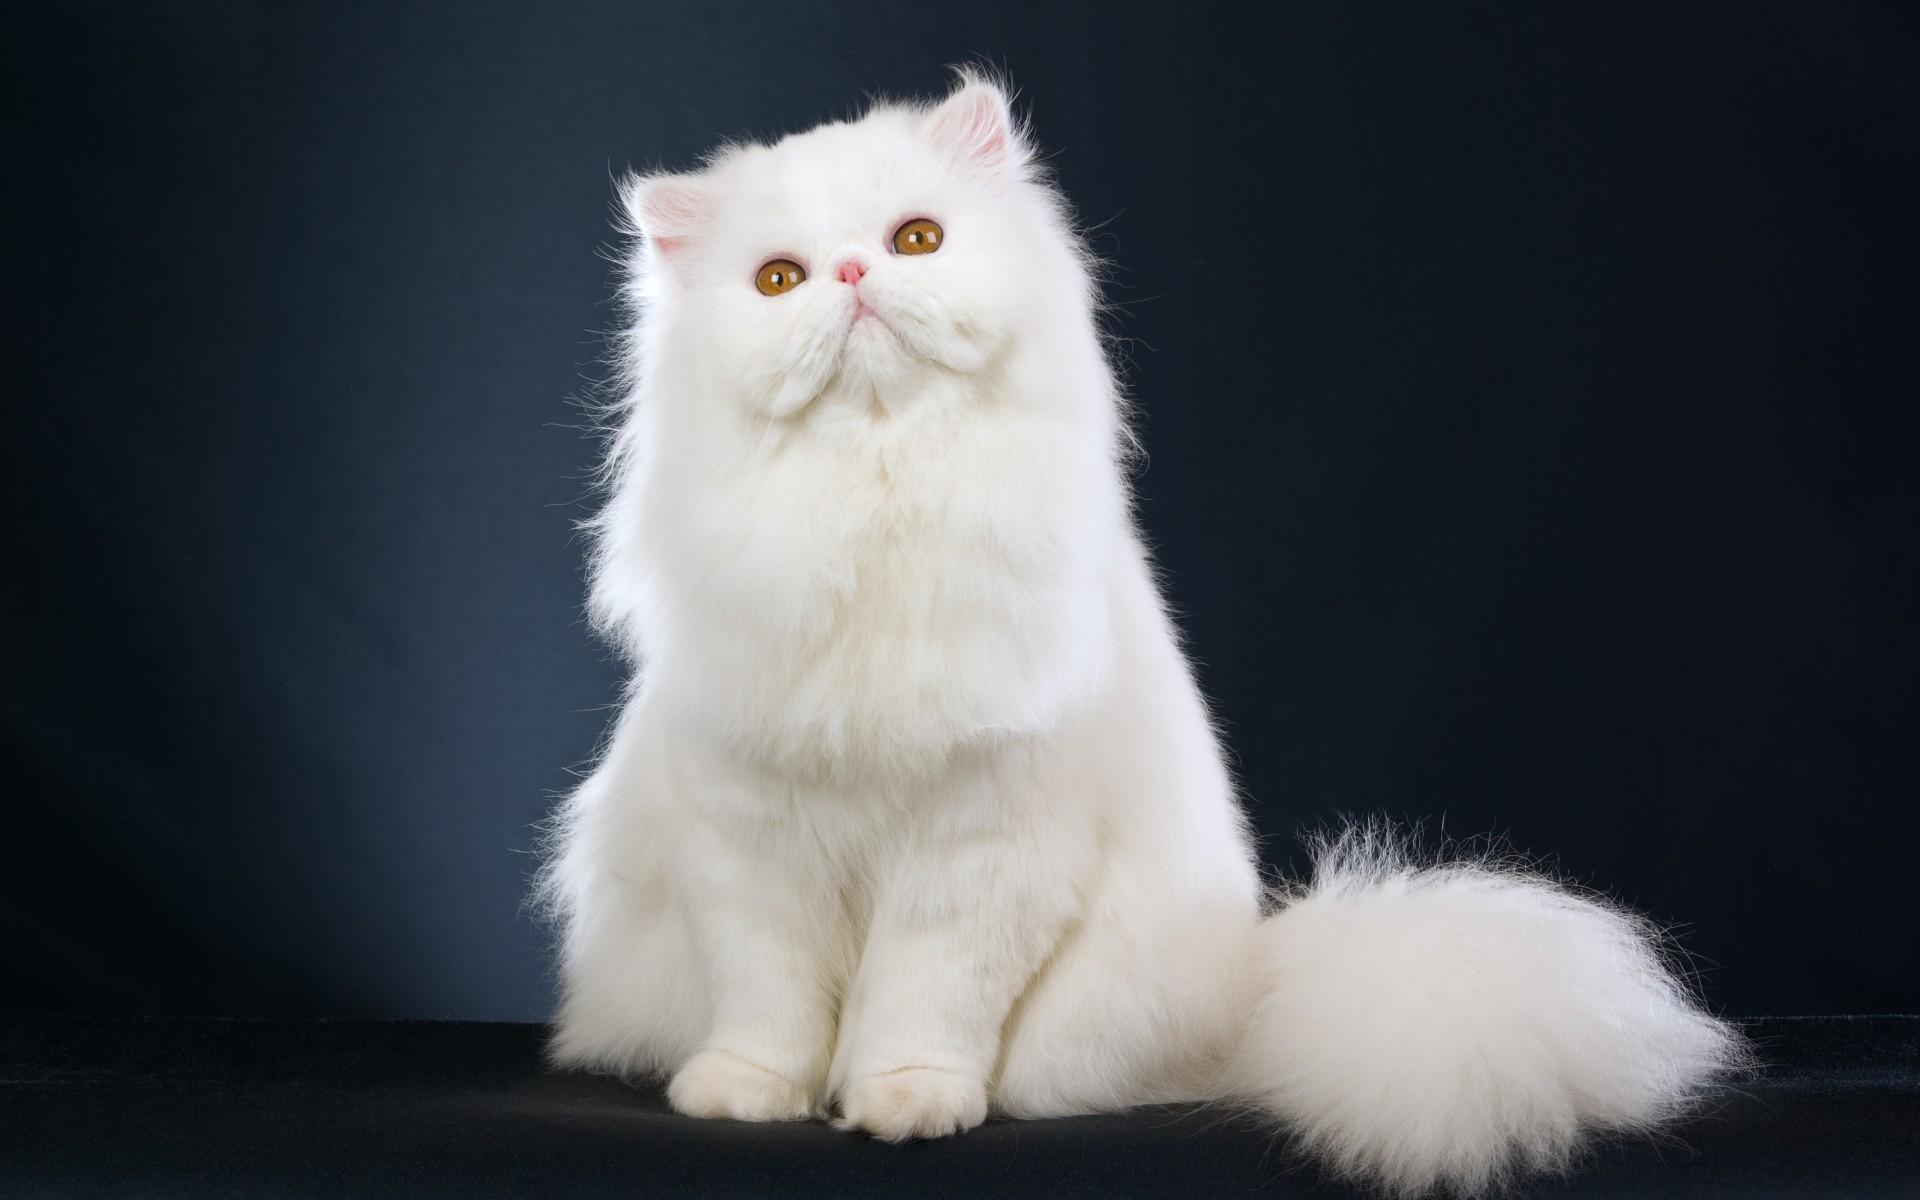 HQ Persian Cat Wallpapers | File 202.87Kb